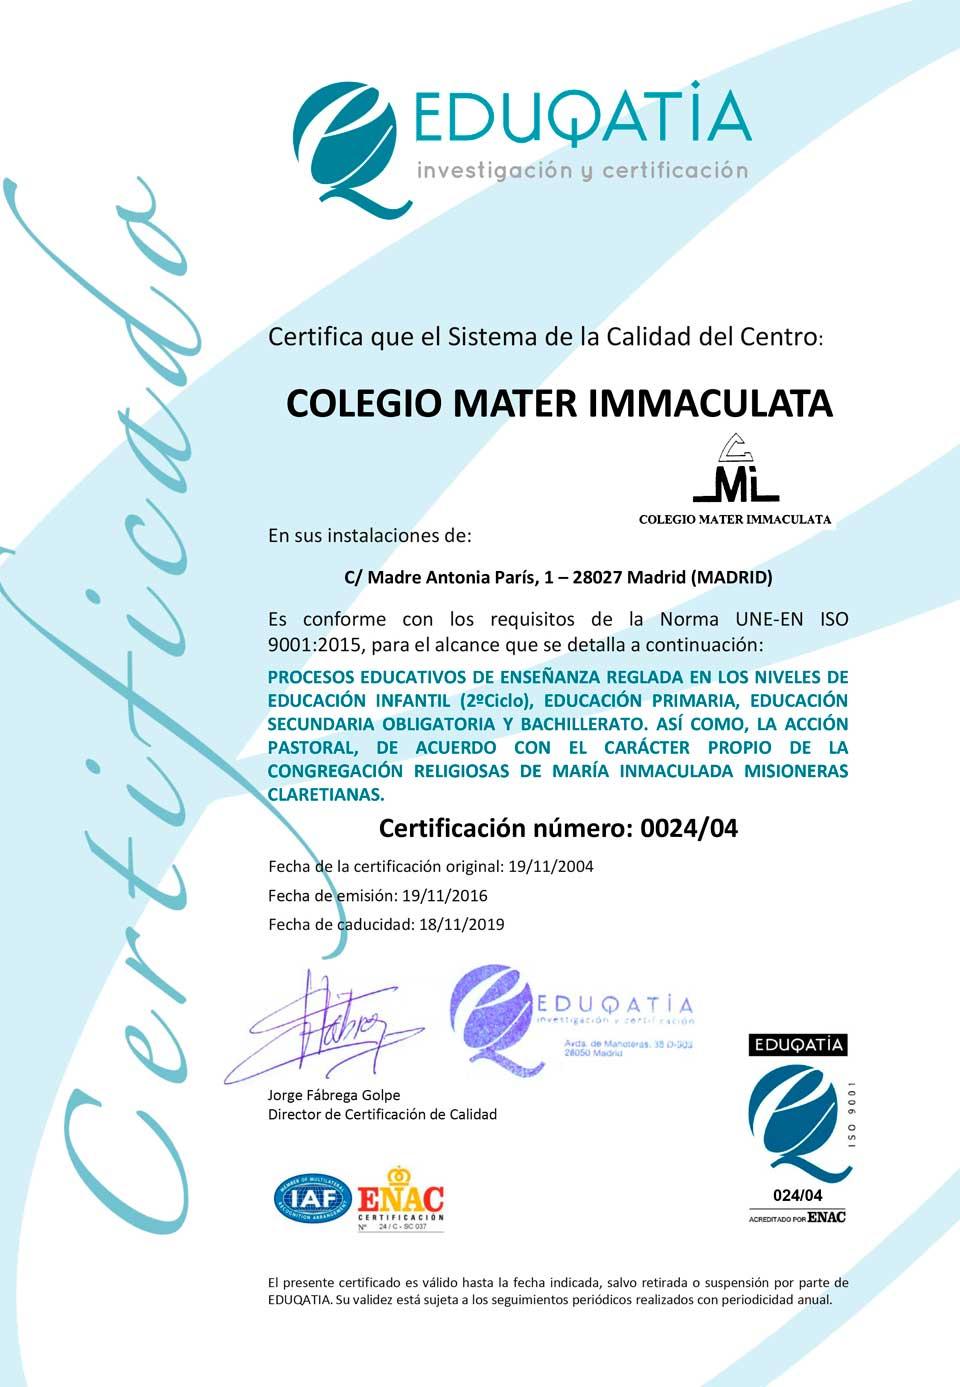 Educación certificada UNE EN-ISO Eduqatia